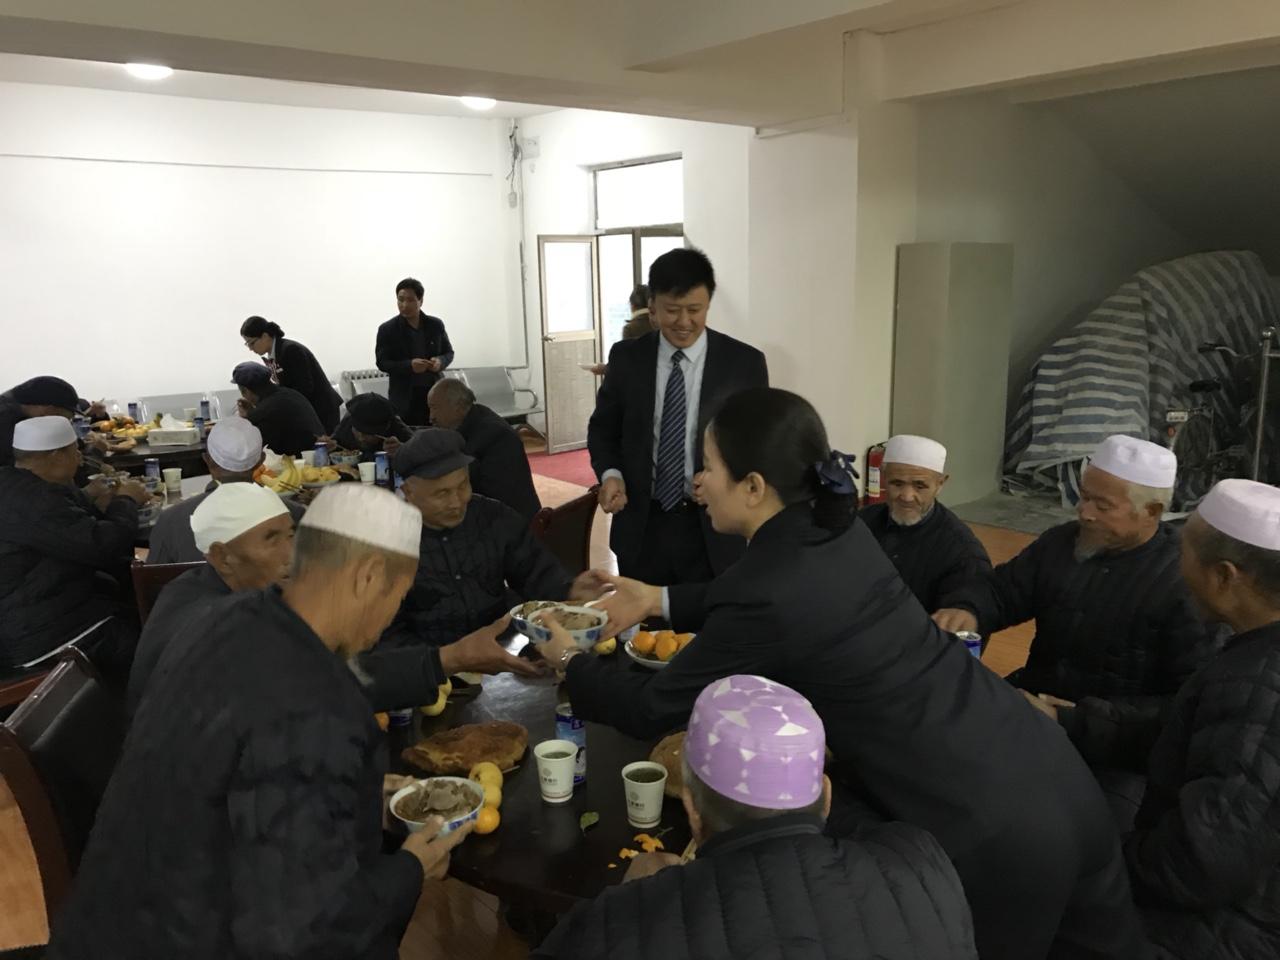 正能量,甘肃银行职工为张家川县敬老院老人们准备了一顿盛宴他们很开心